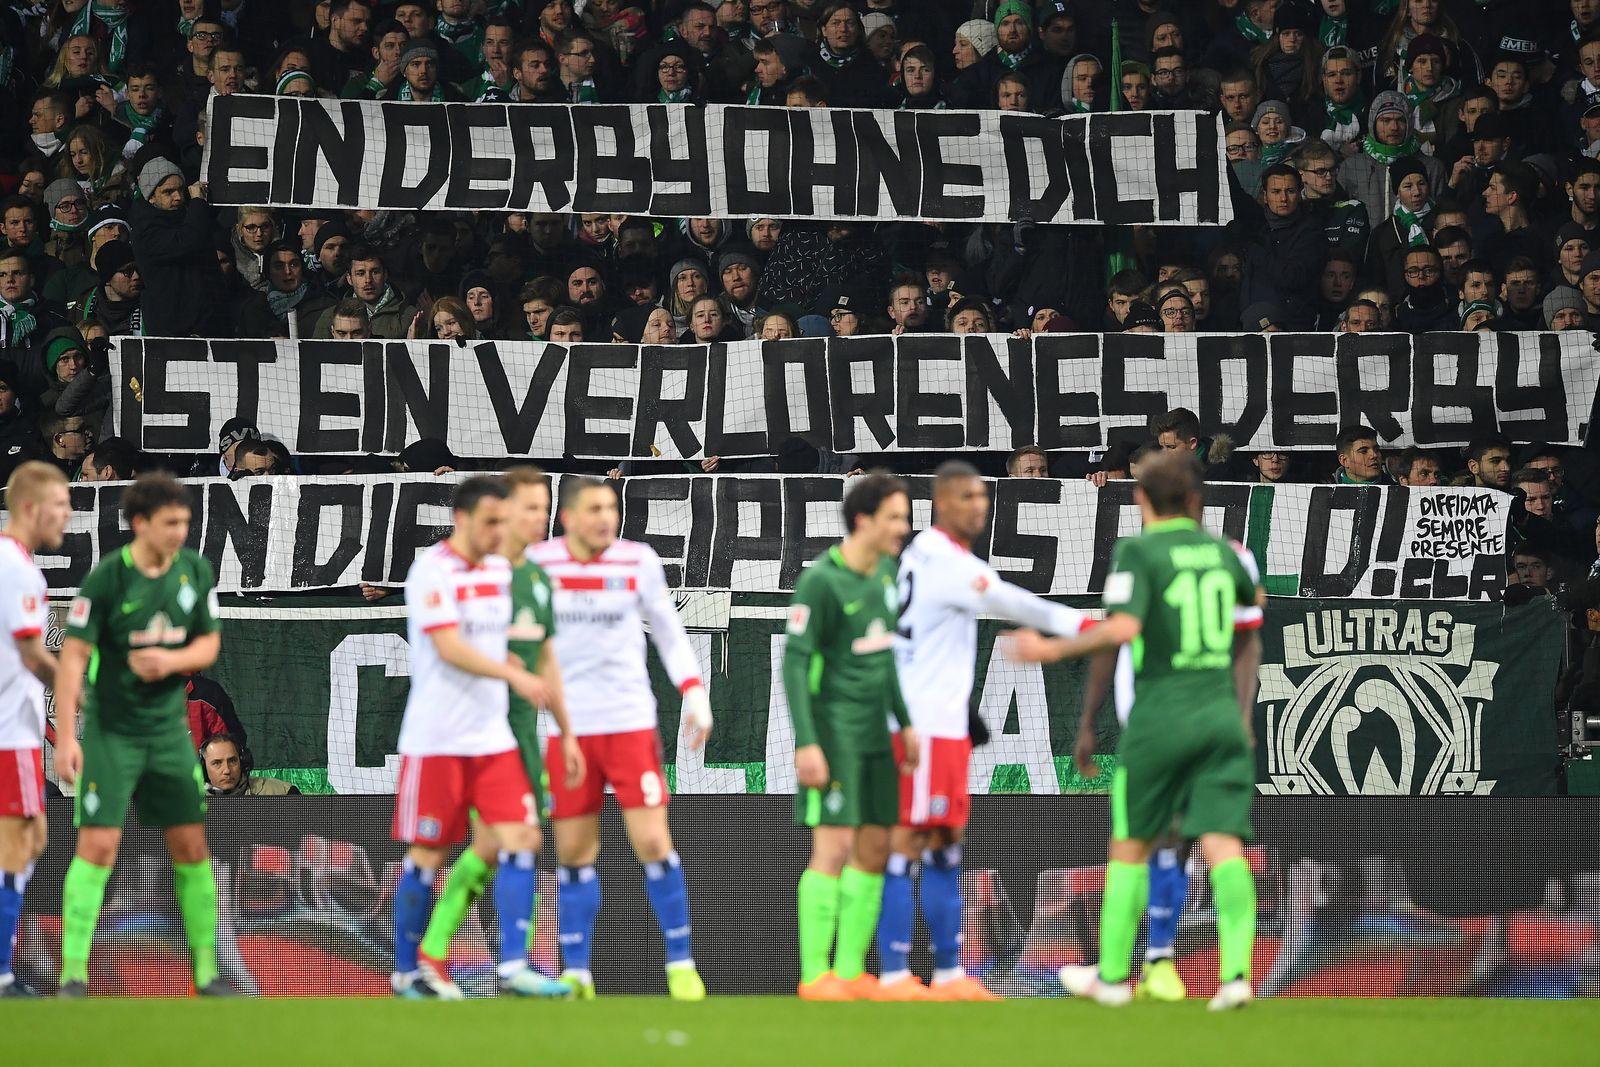 Werder Bremen HSV Fans